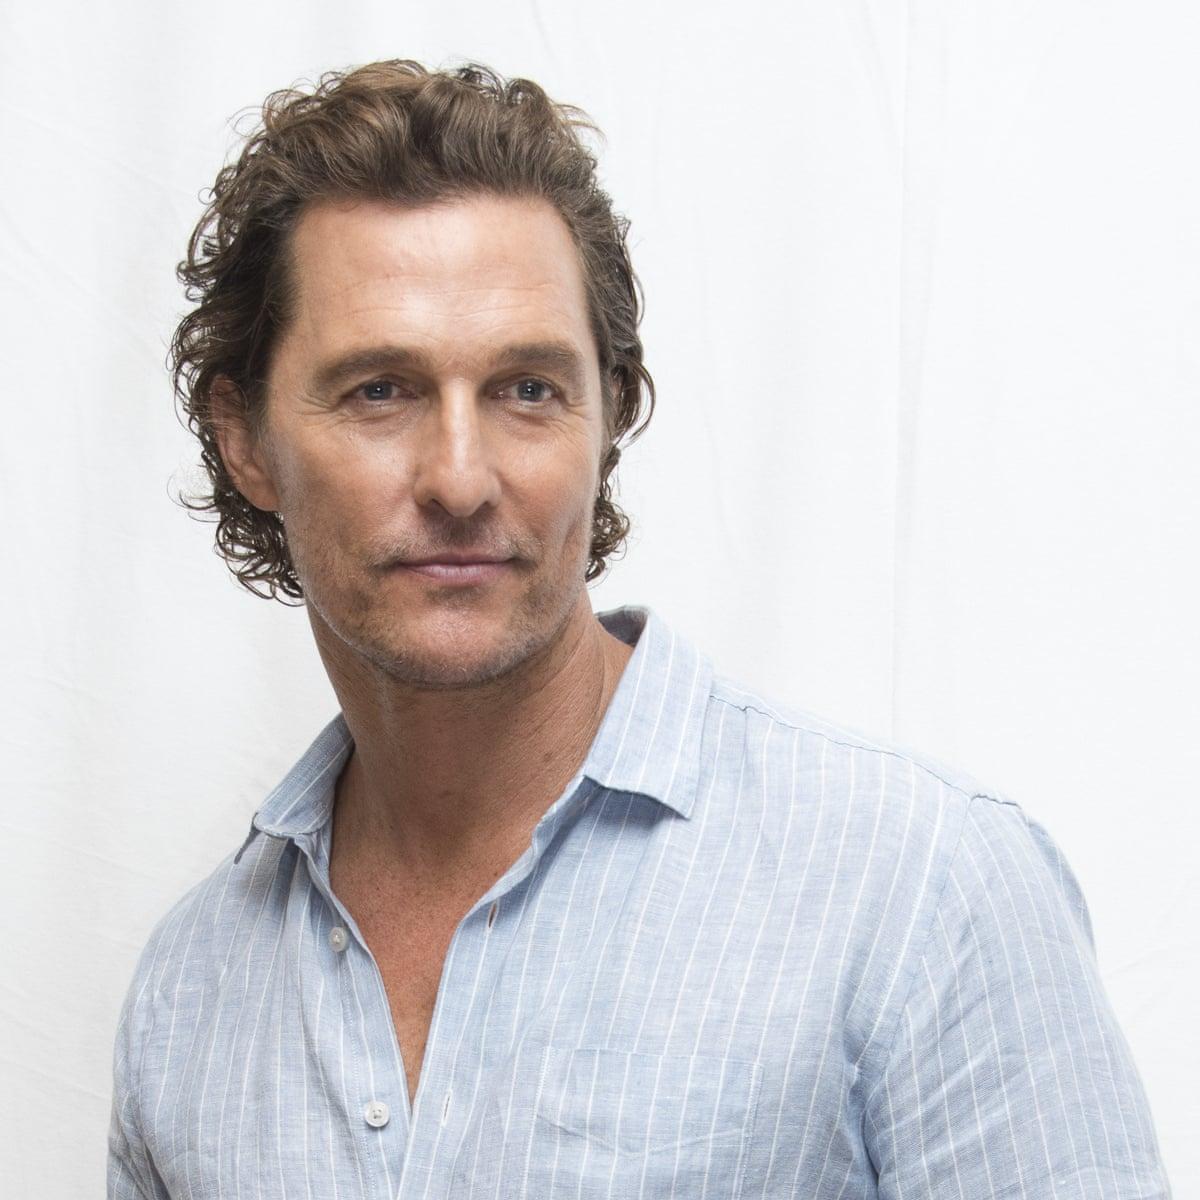 Actorul Matthew McConaughey ar putea deveni guvernatorul statului Texas, conform sondajelor